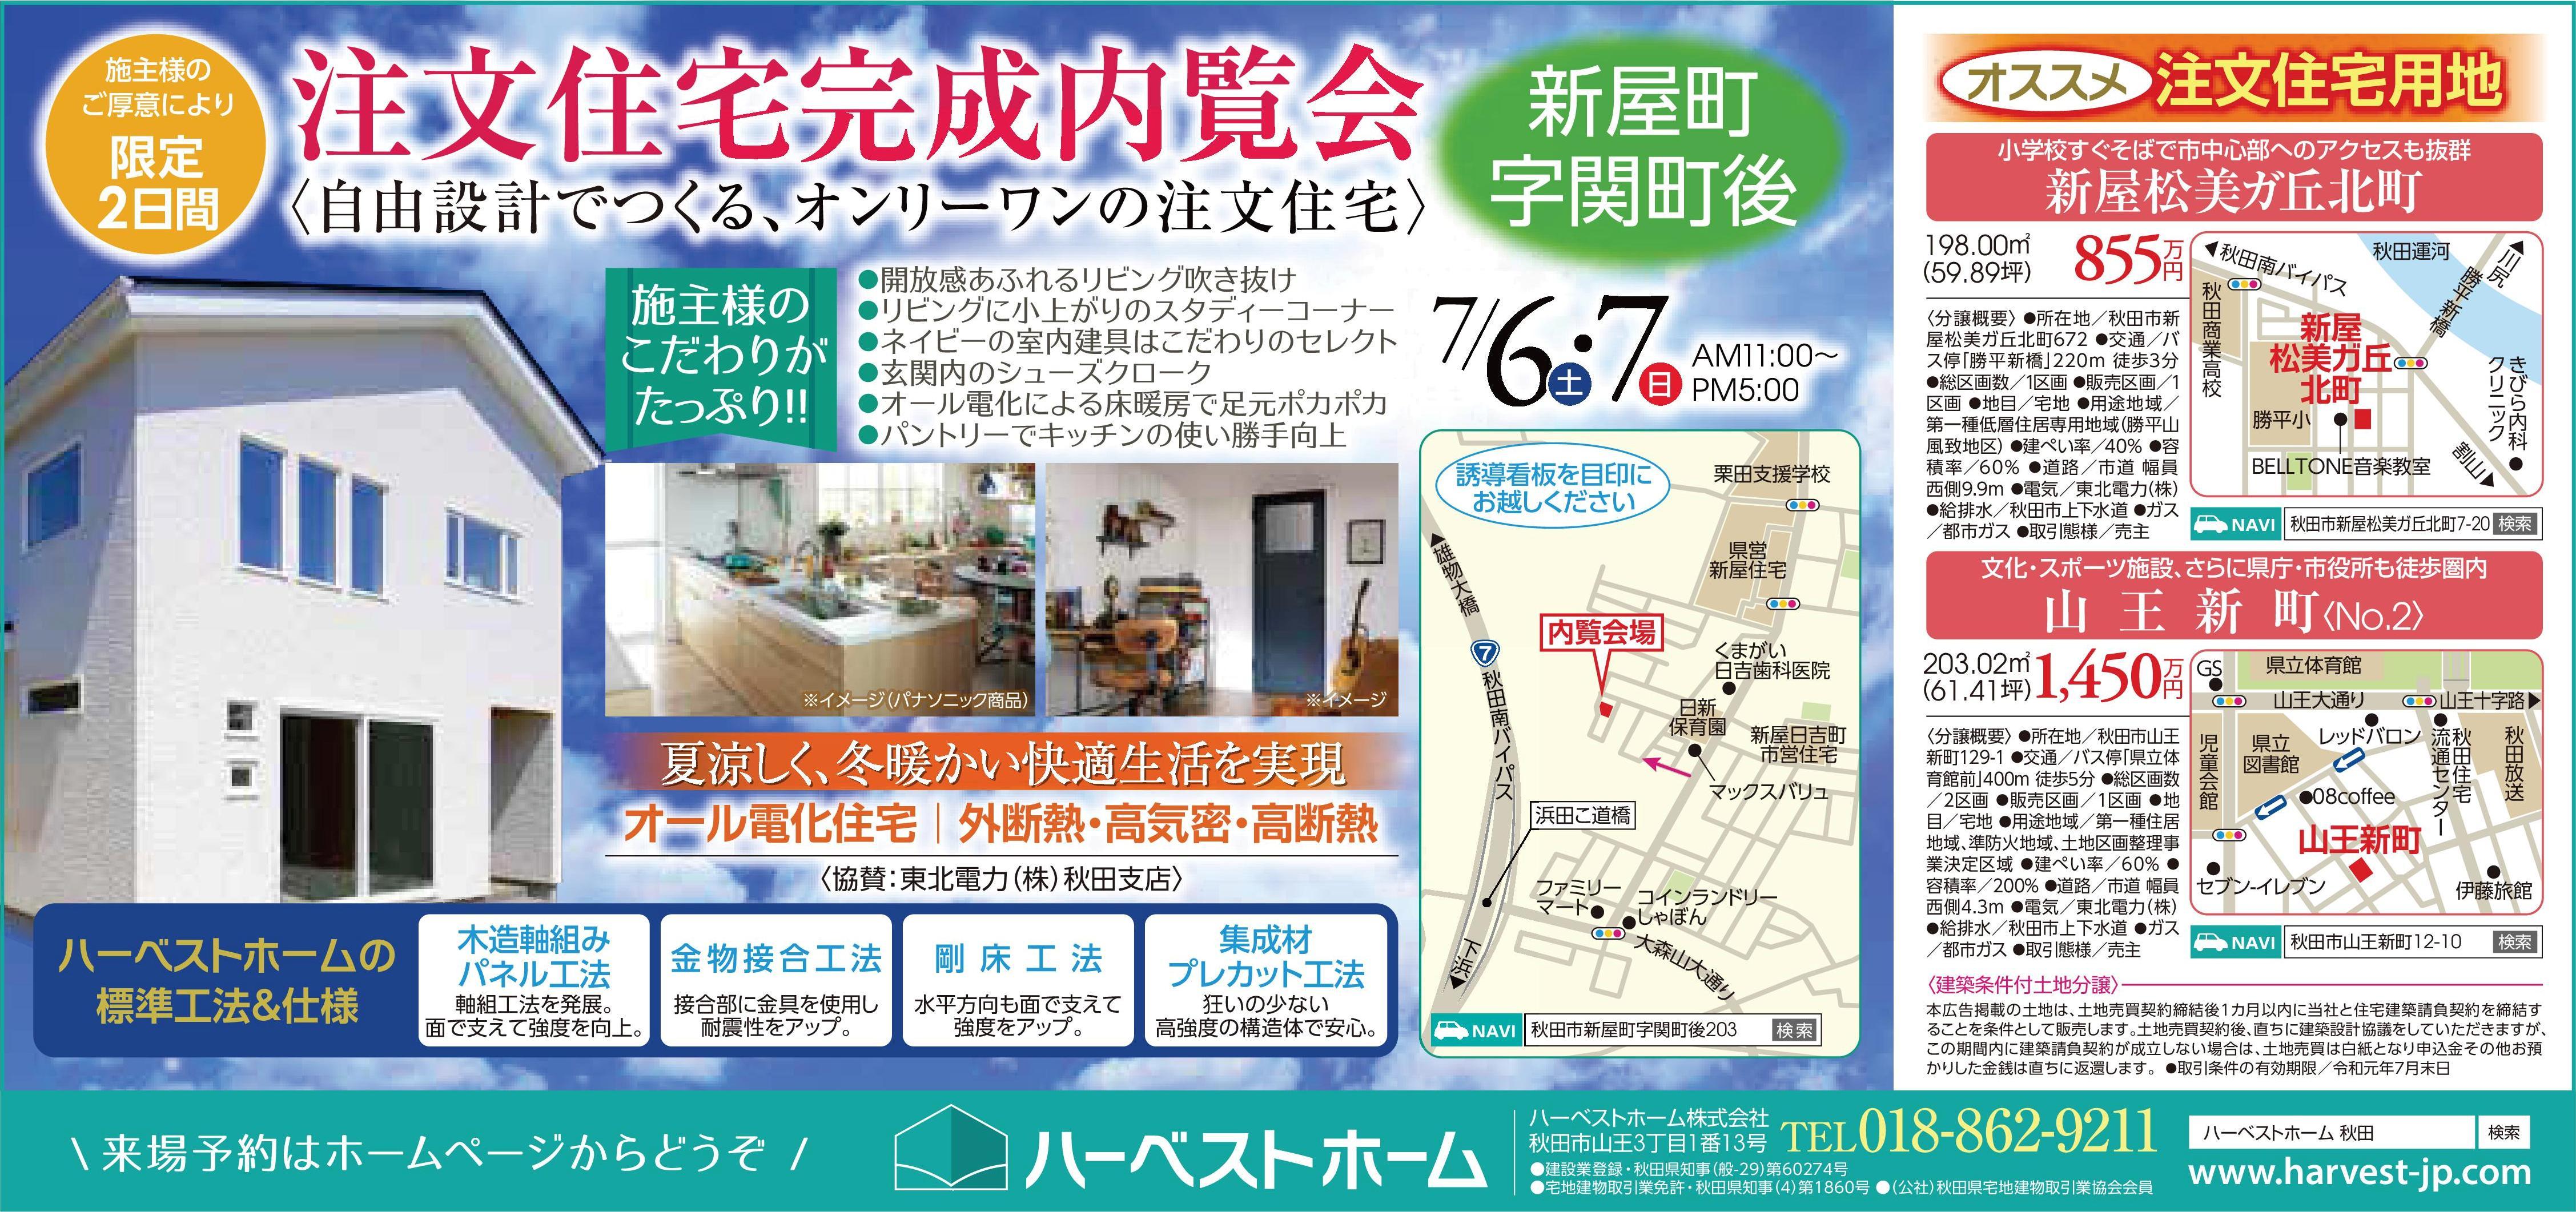 完成内覧会…『新屋町 関町後』にて開催!